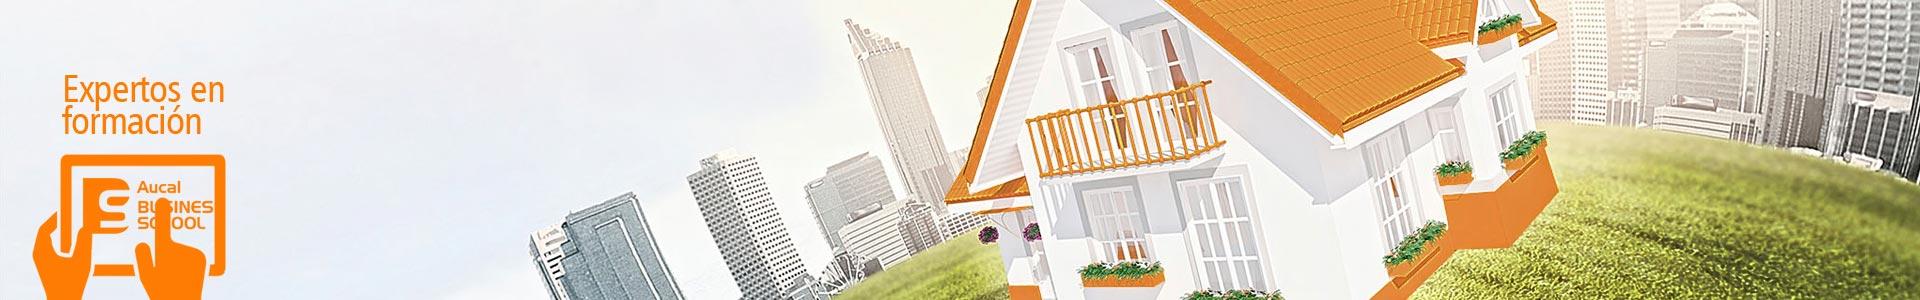 Inmobiliaria al día-Banner